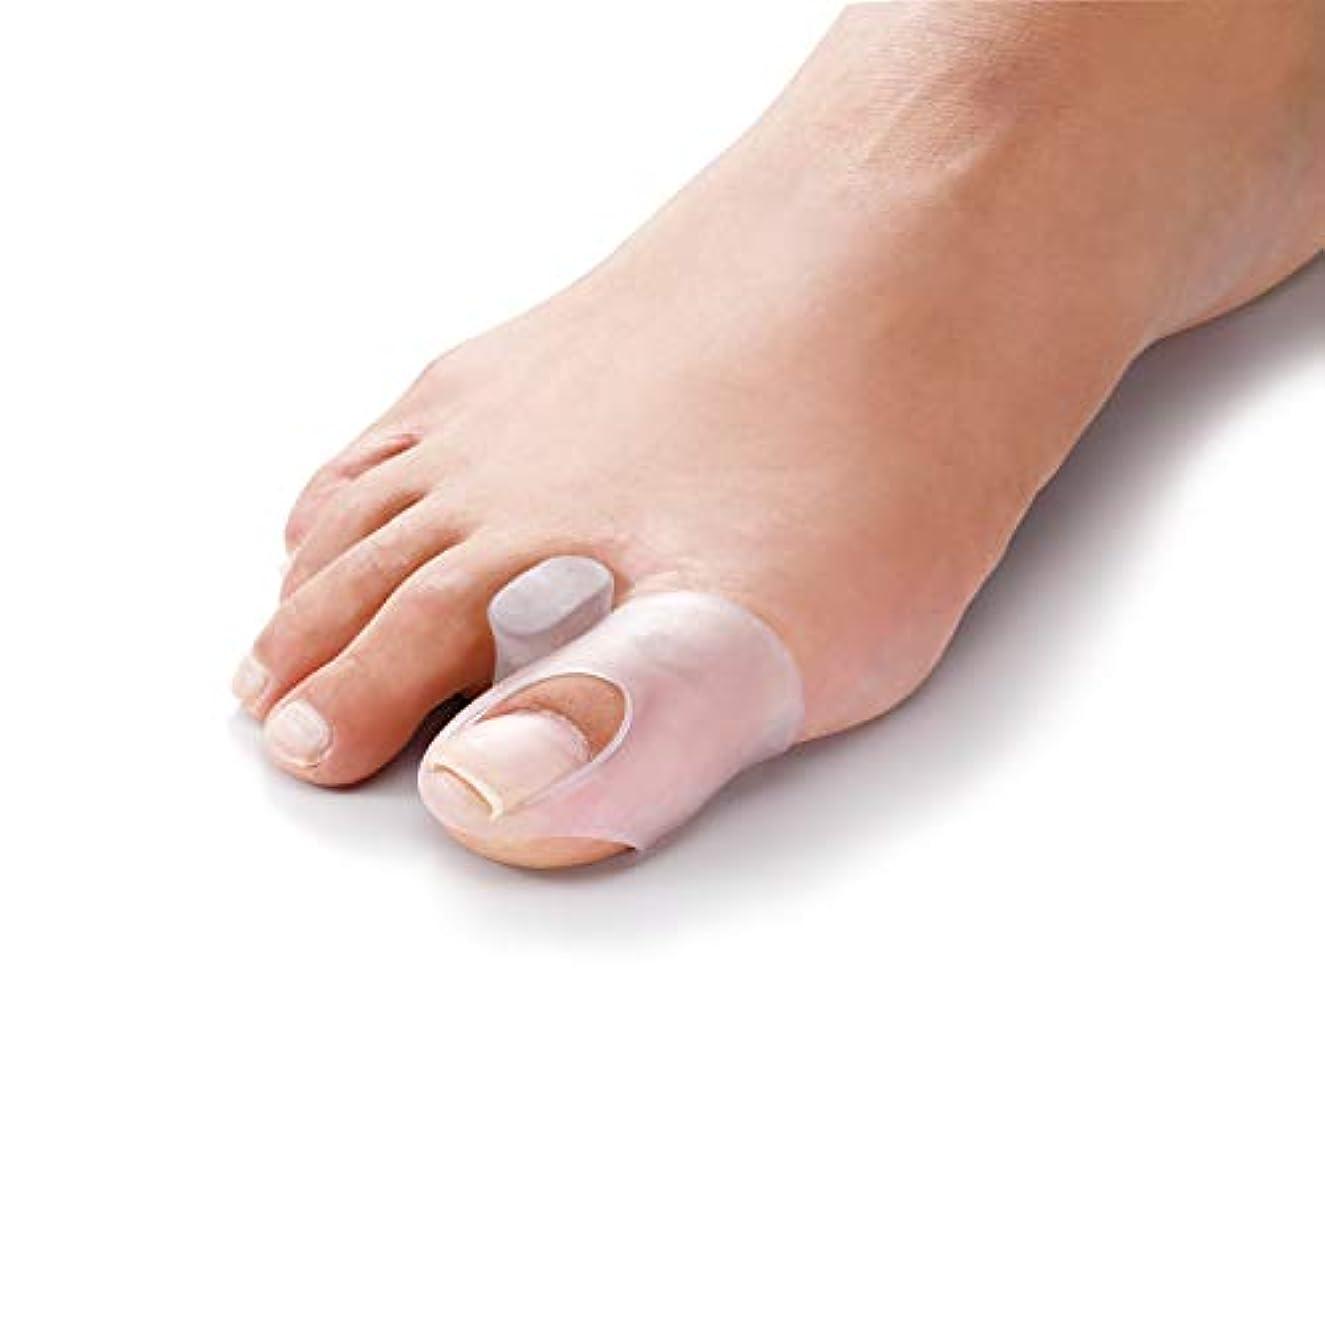 癌驚くばかり正確やわらゲル 外反巻き爪ゲルサック 巻き爪 外反母趾 変型爪